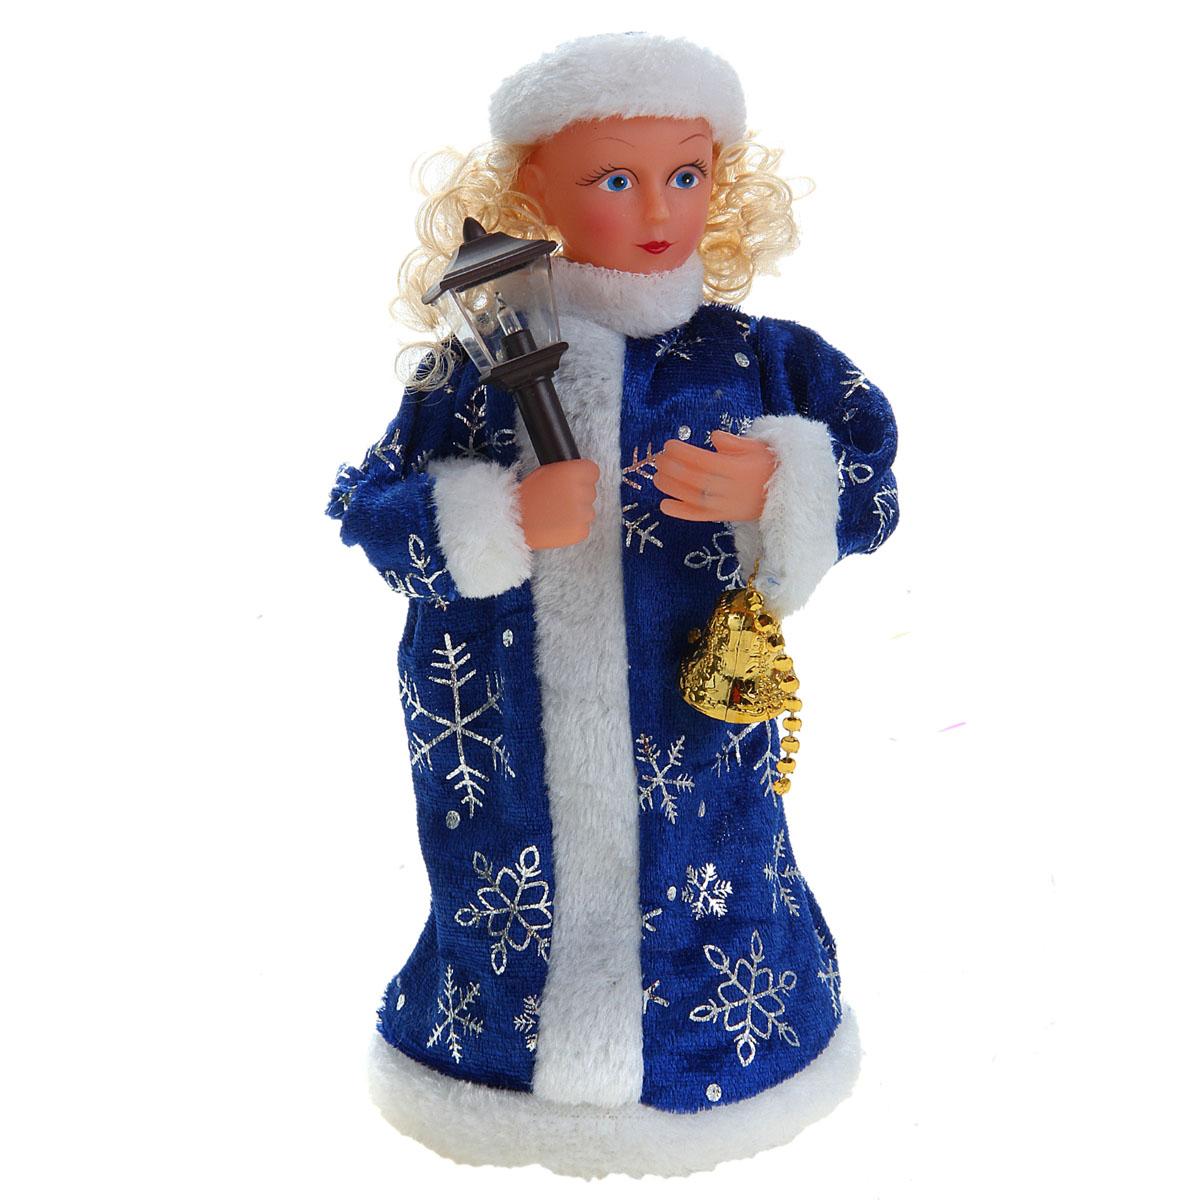 Новогодняя декоративная фигурка Sima-land Снегурочка, музыкальная, 23 см. 827791